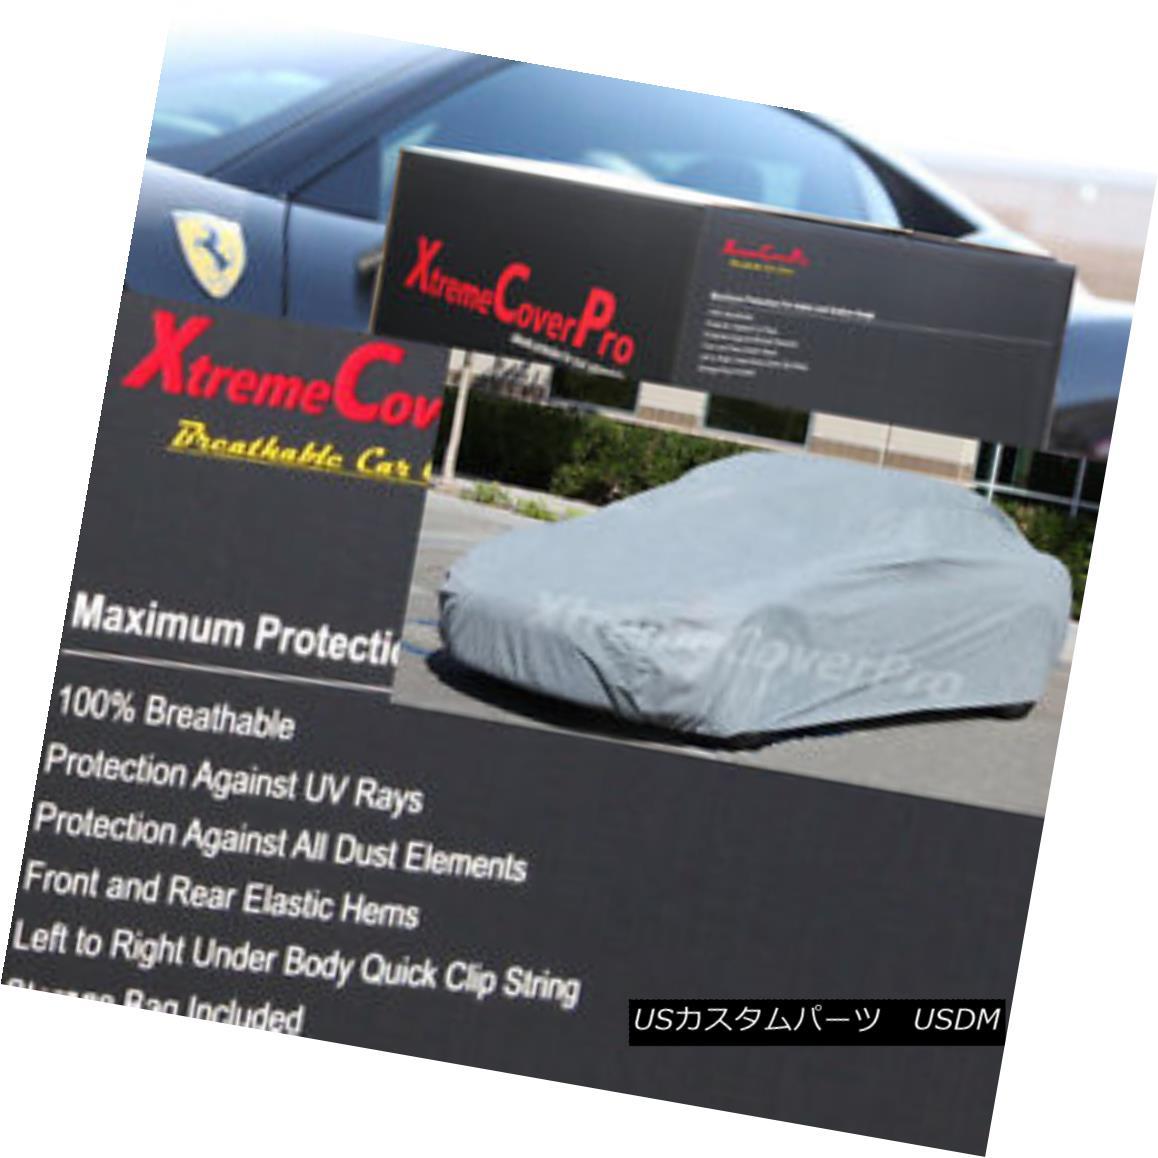 カーカバー 2009 2010 2011 2012 Porsche Cayman Breathable Car Cover 2009年2010年2011年2012年ポルシェケイマンブレスハブ車カバー